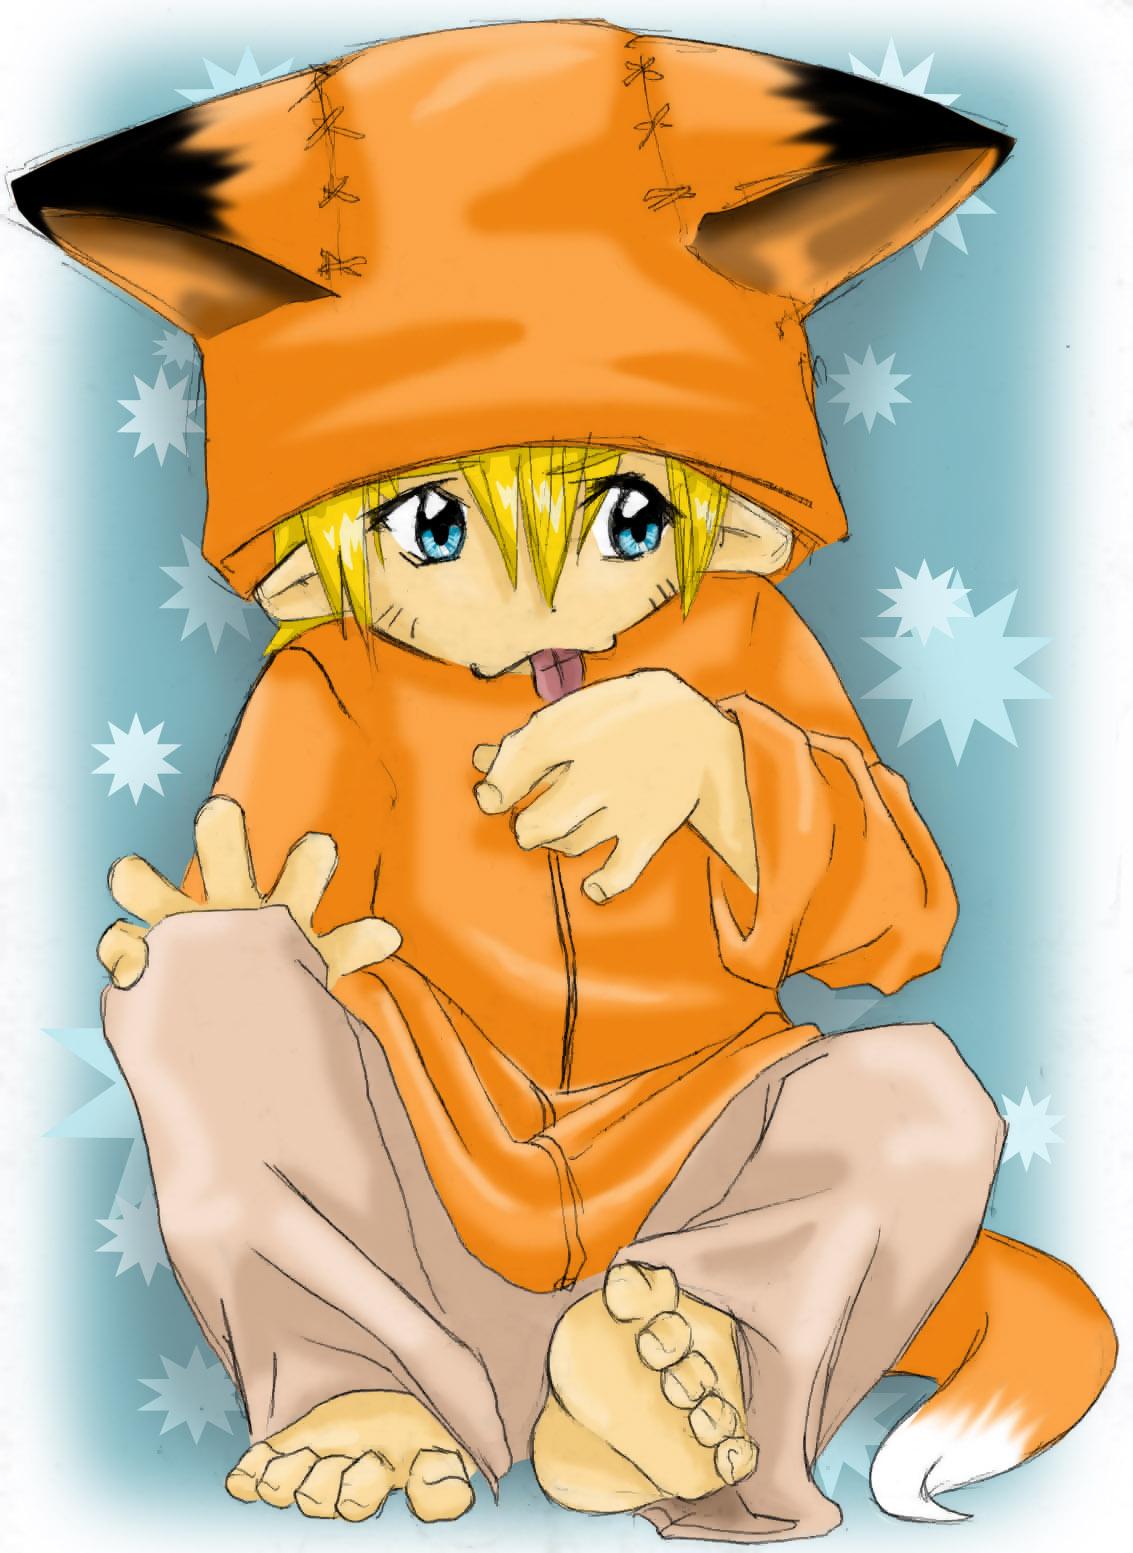 Les 64 meilleures images du tableau Kyuubi sur Pinterest ...  |Laguh Naruto Uzumaki Cute